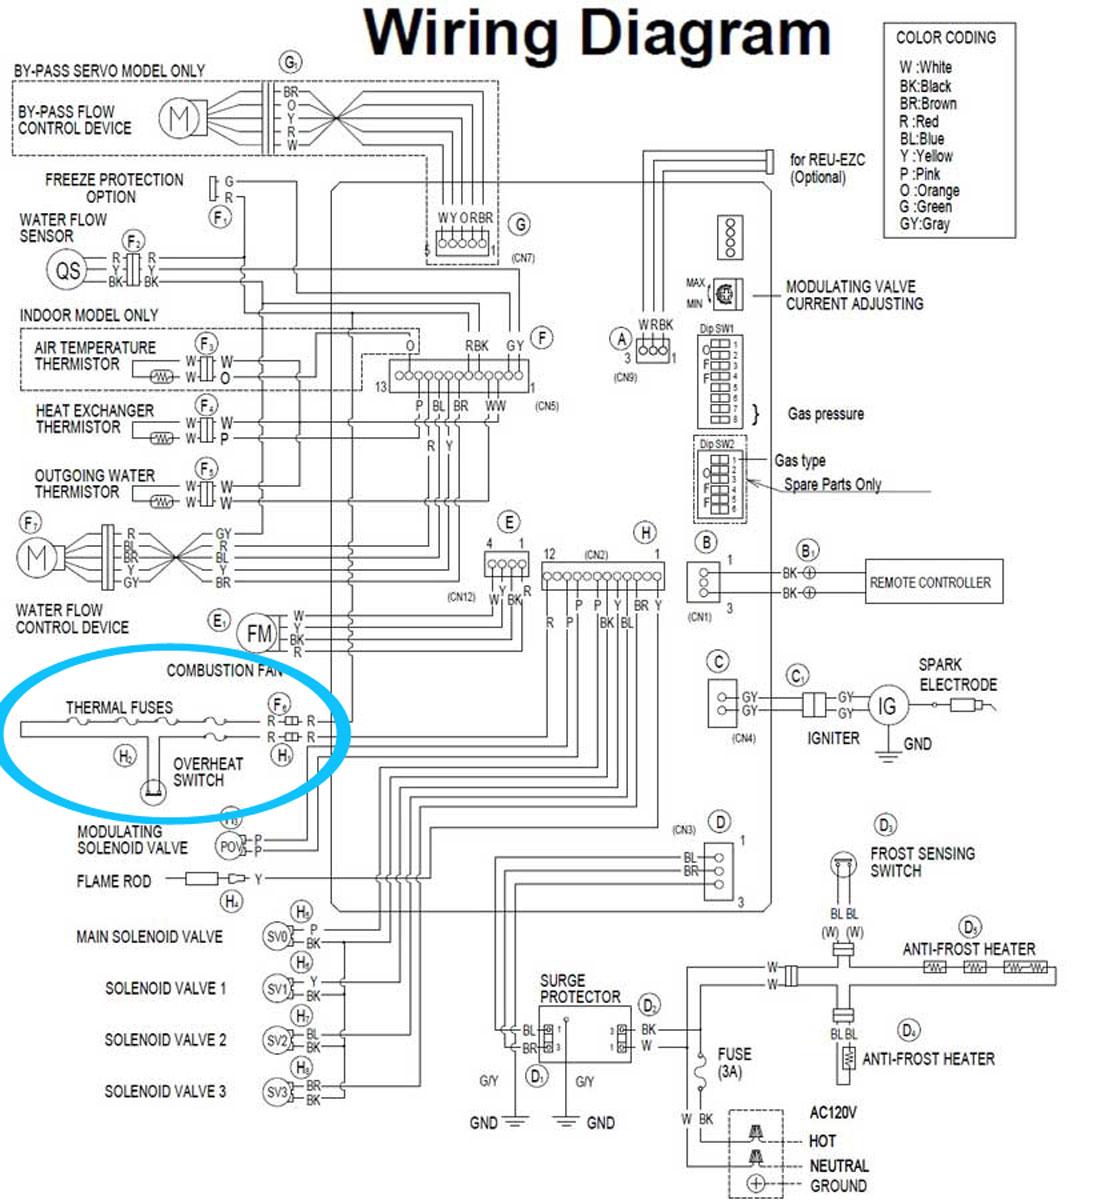 Rheem Rte 27 Wiring Diagram